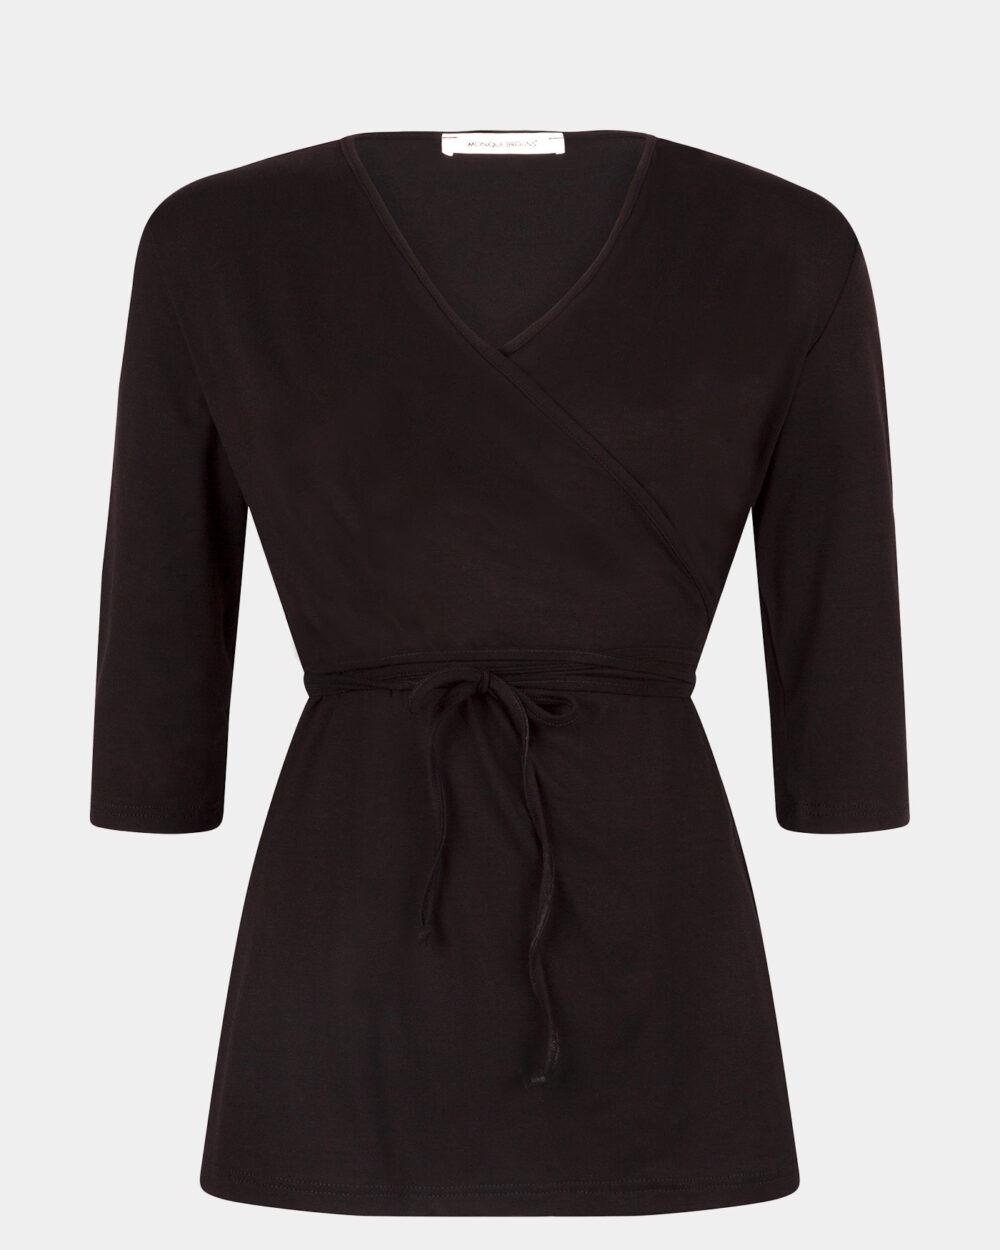 black wrap top / zwarte wikkeltop